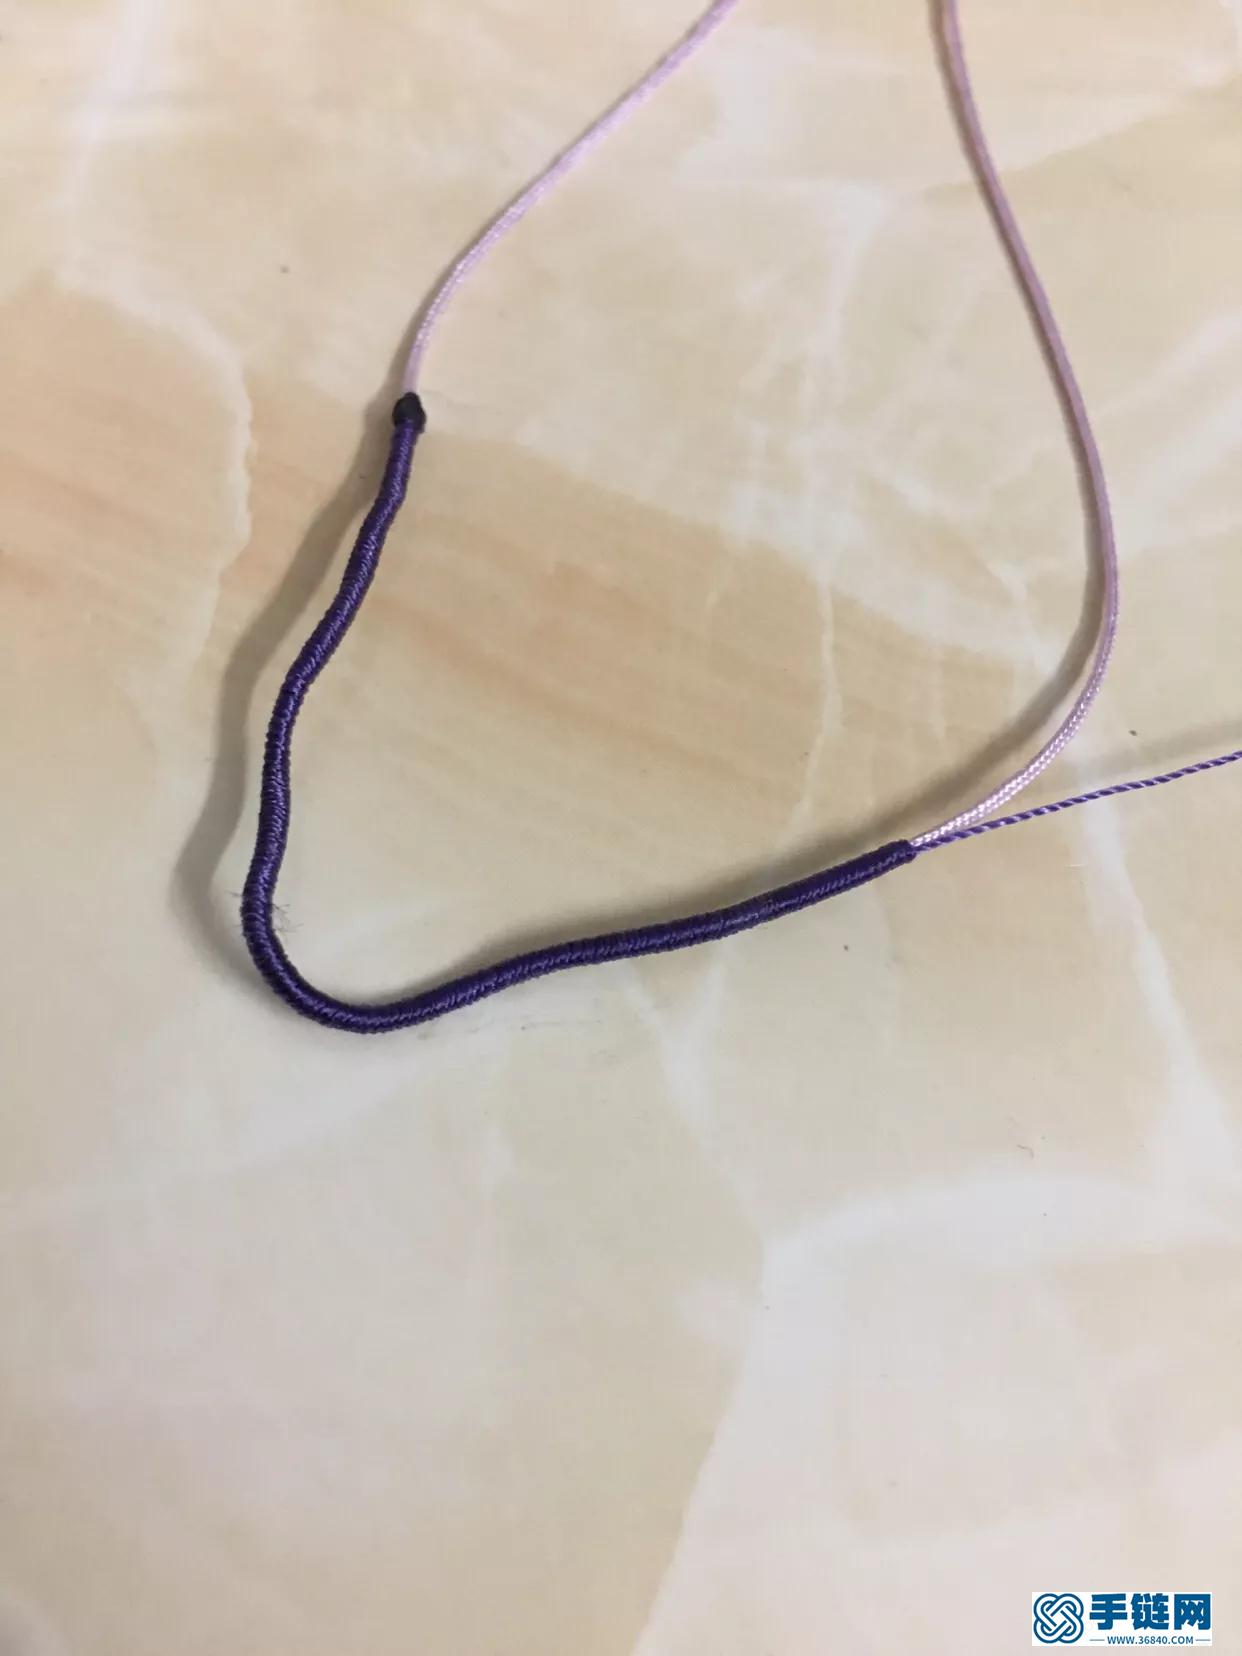 四股辫项链的编法,简单红绳项链教程图解